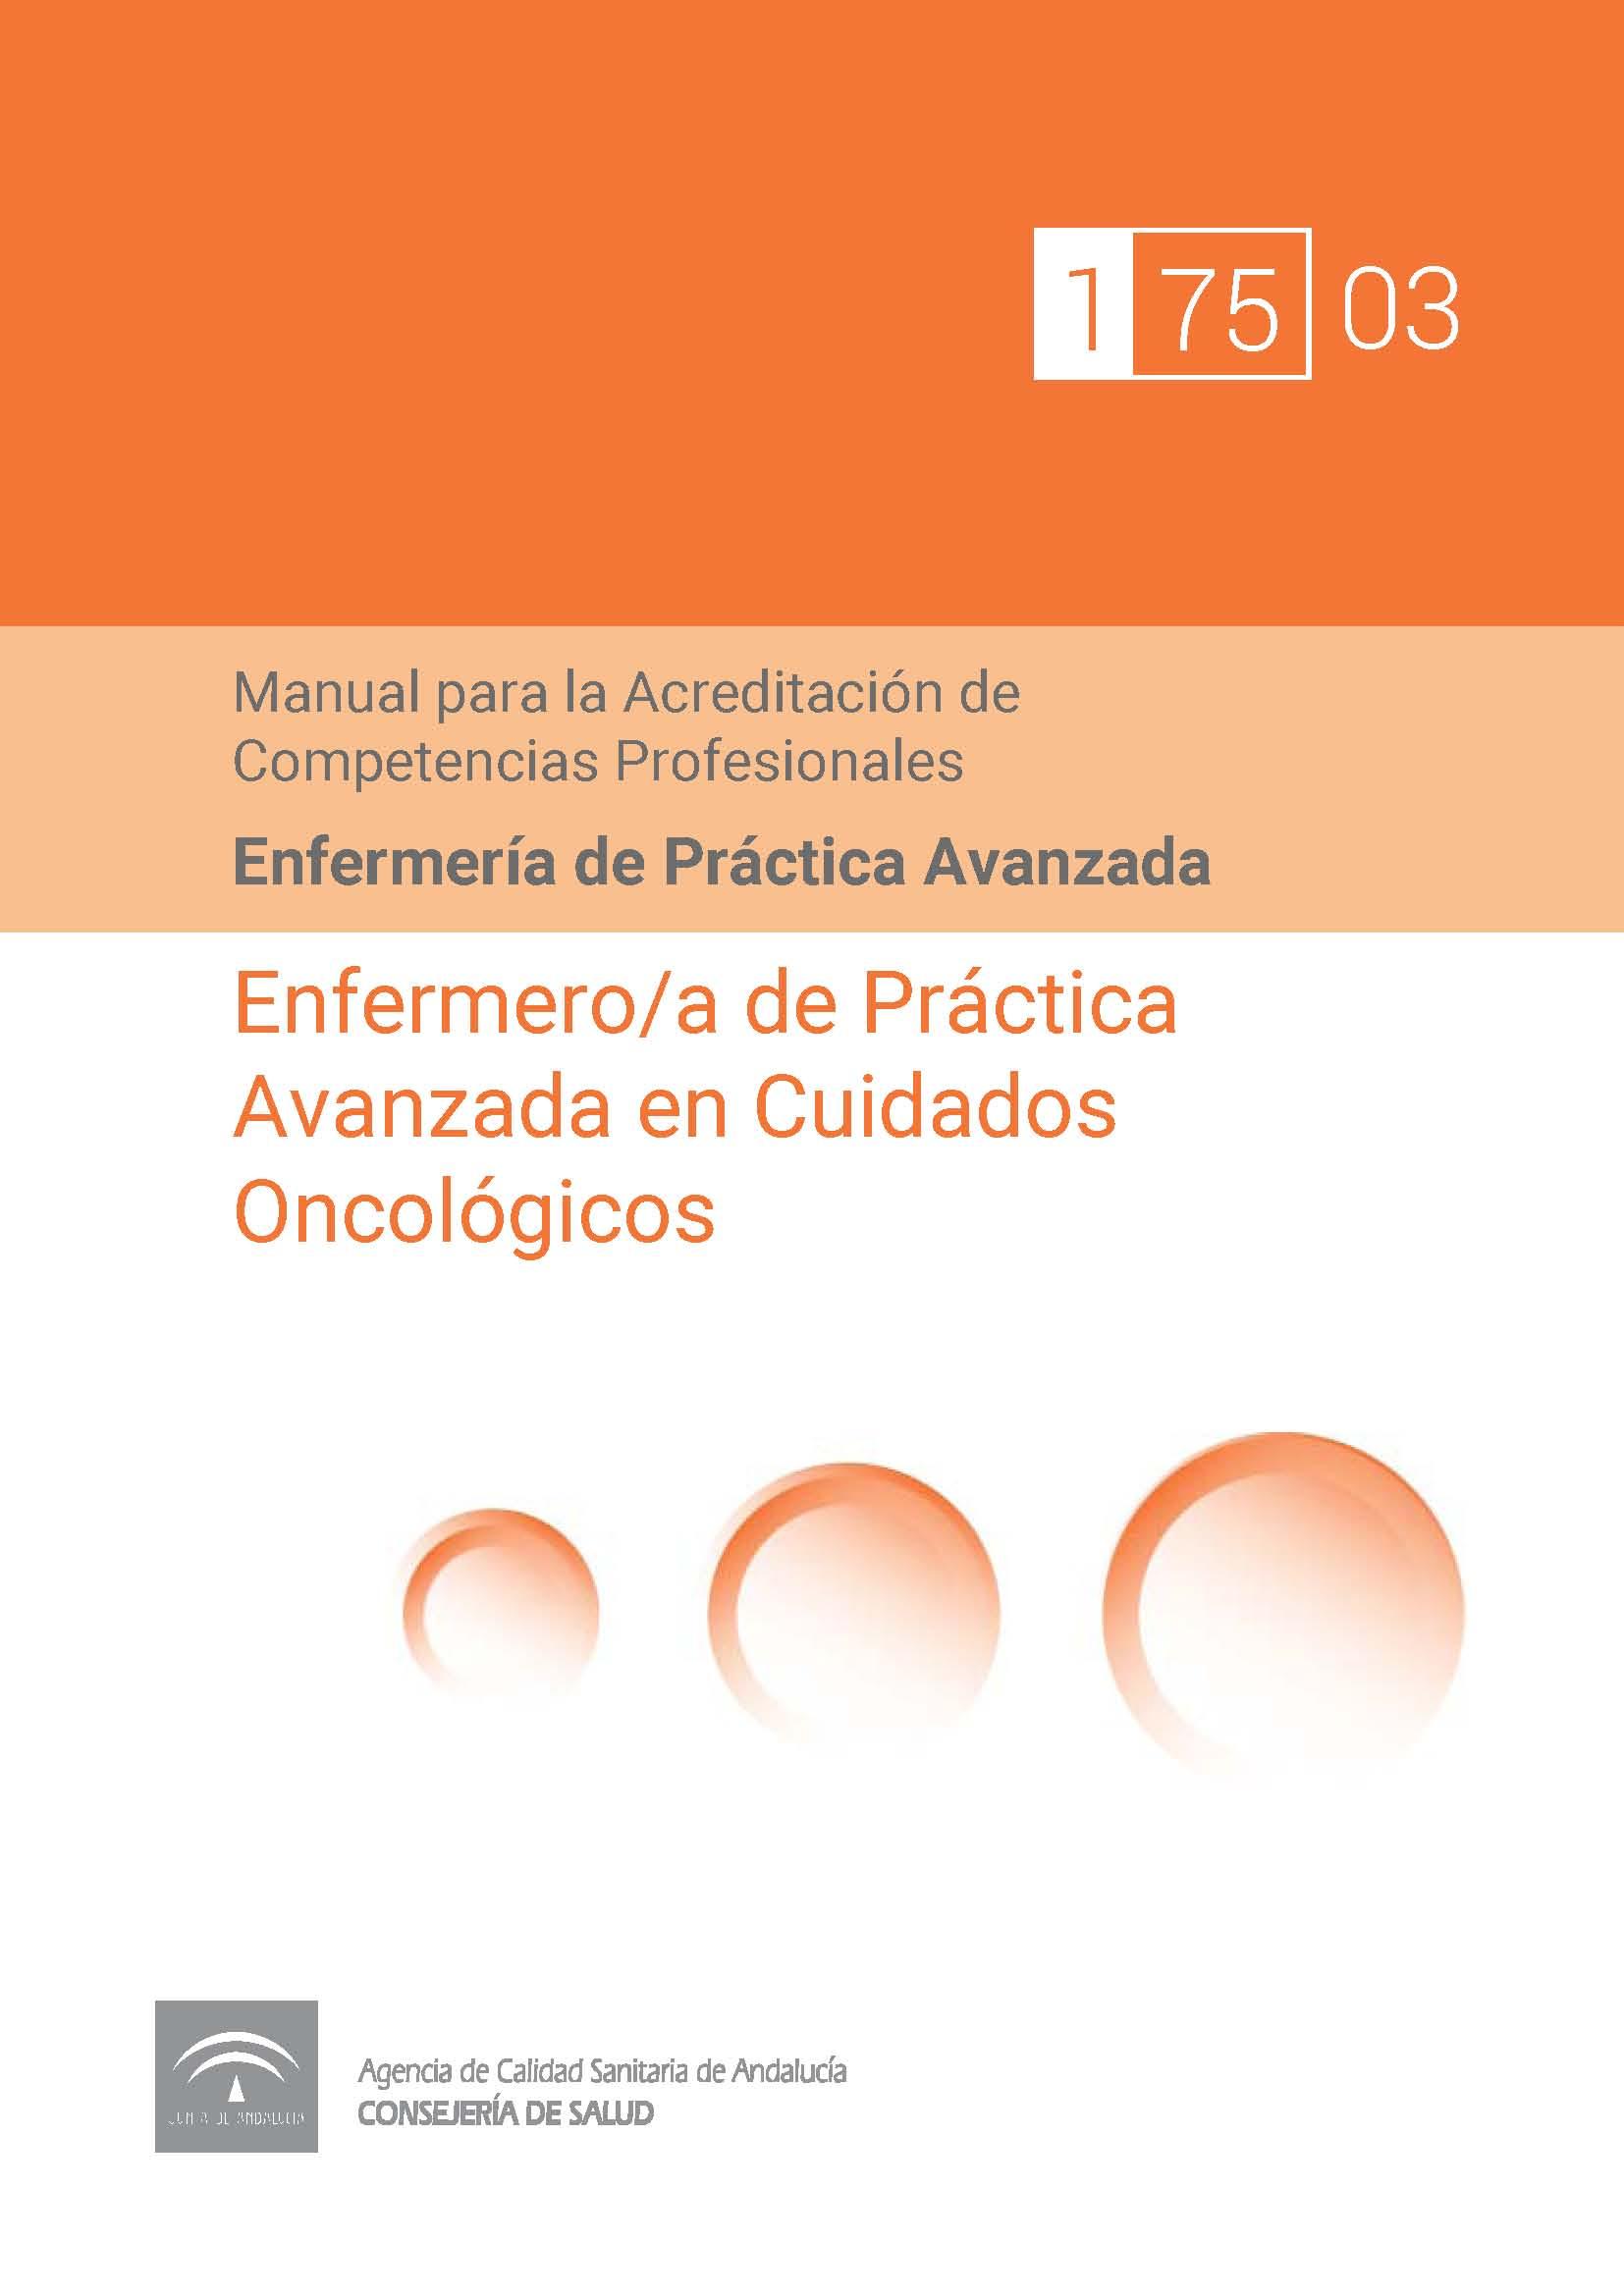 Manual de Competencias Profesionales del/de la Enfermero/a de Práctica Avanzada en Cuidados Oncológicos